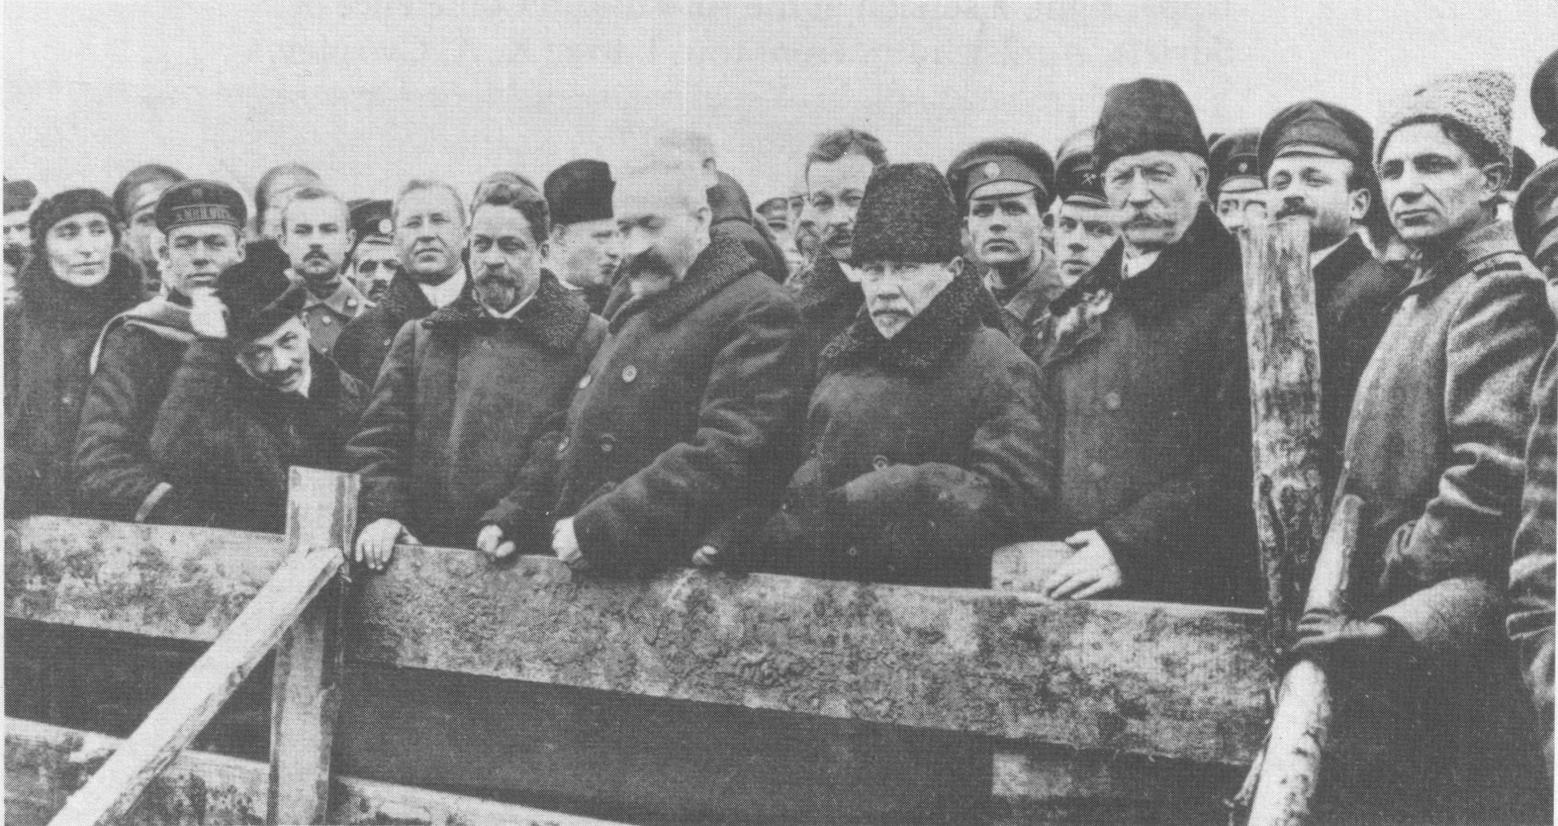 Министры на похоронах жертв Февральской революции. Среди них (слева направо) Коновалов, Шингарев, Львов, Некрасов, Годнев и Милюков